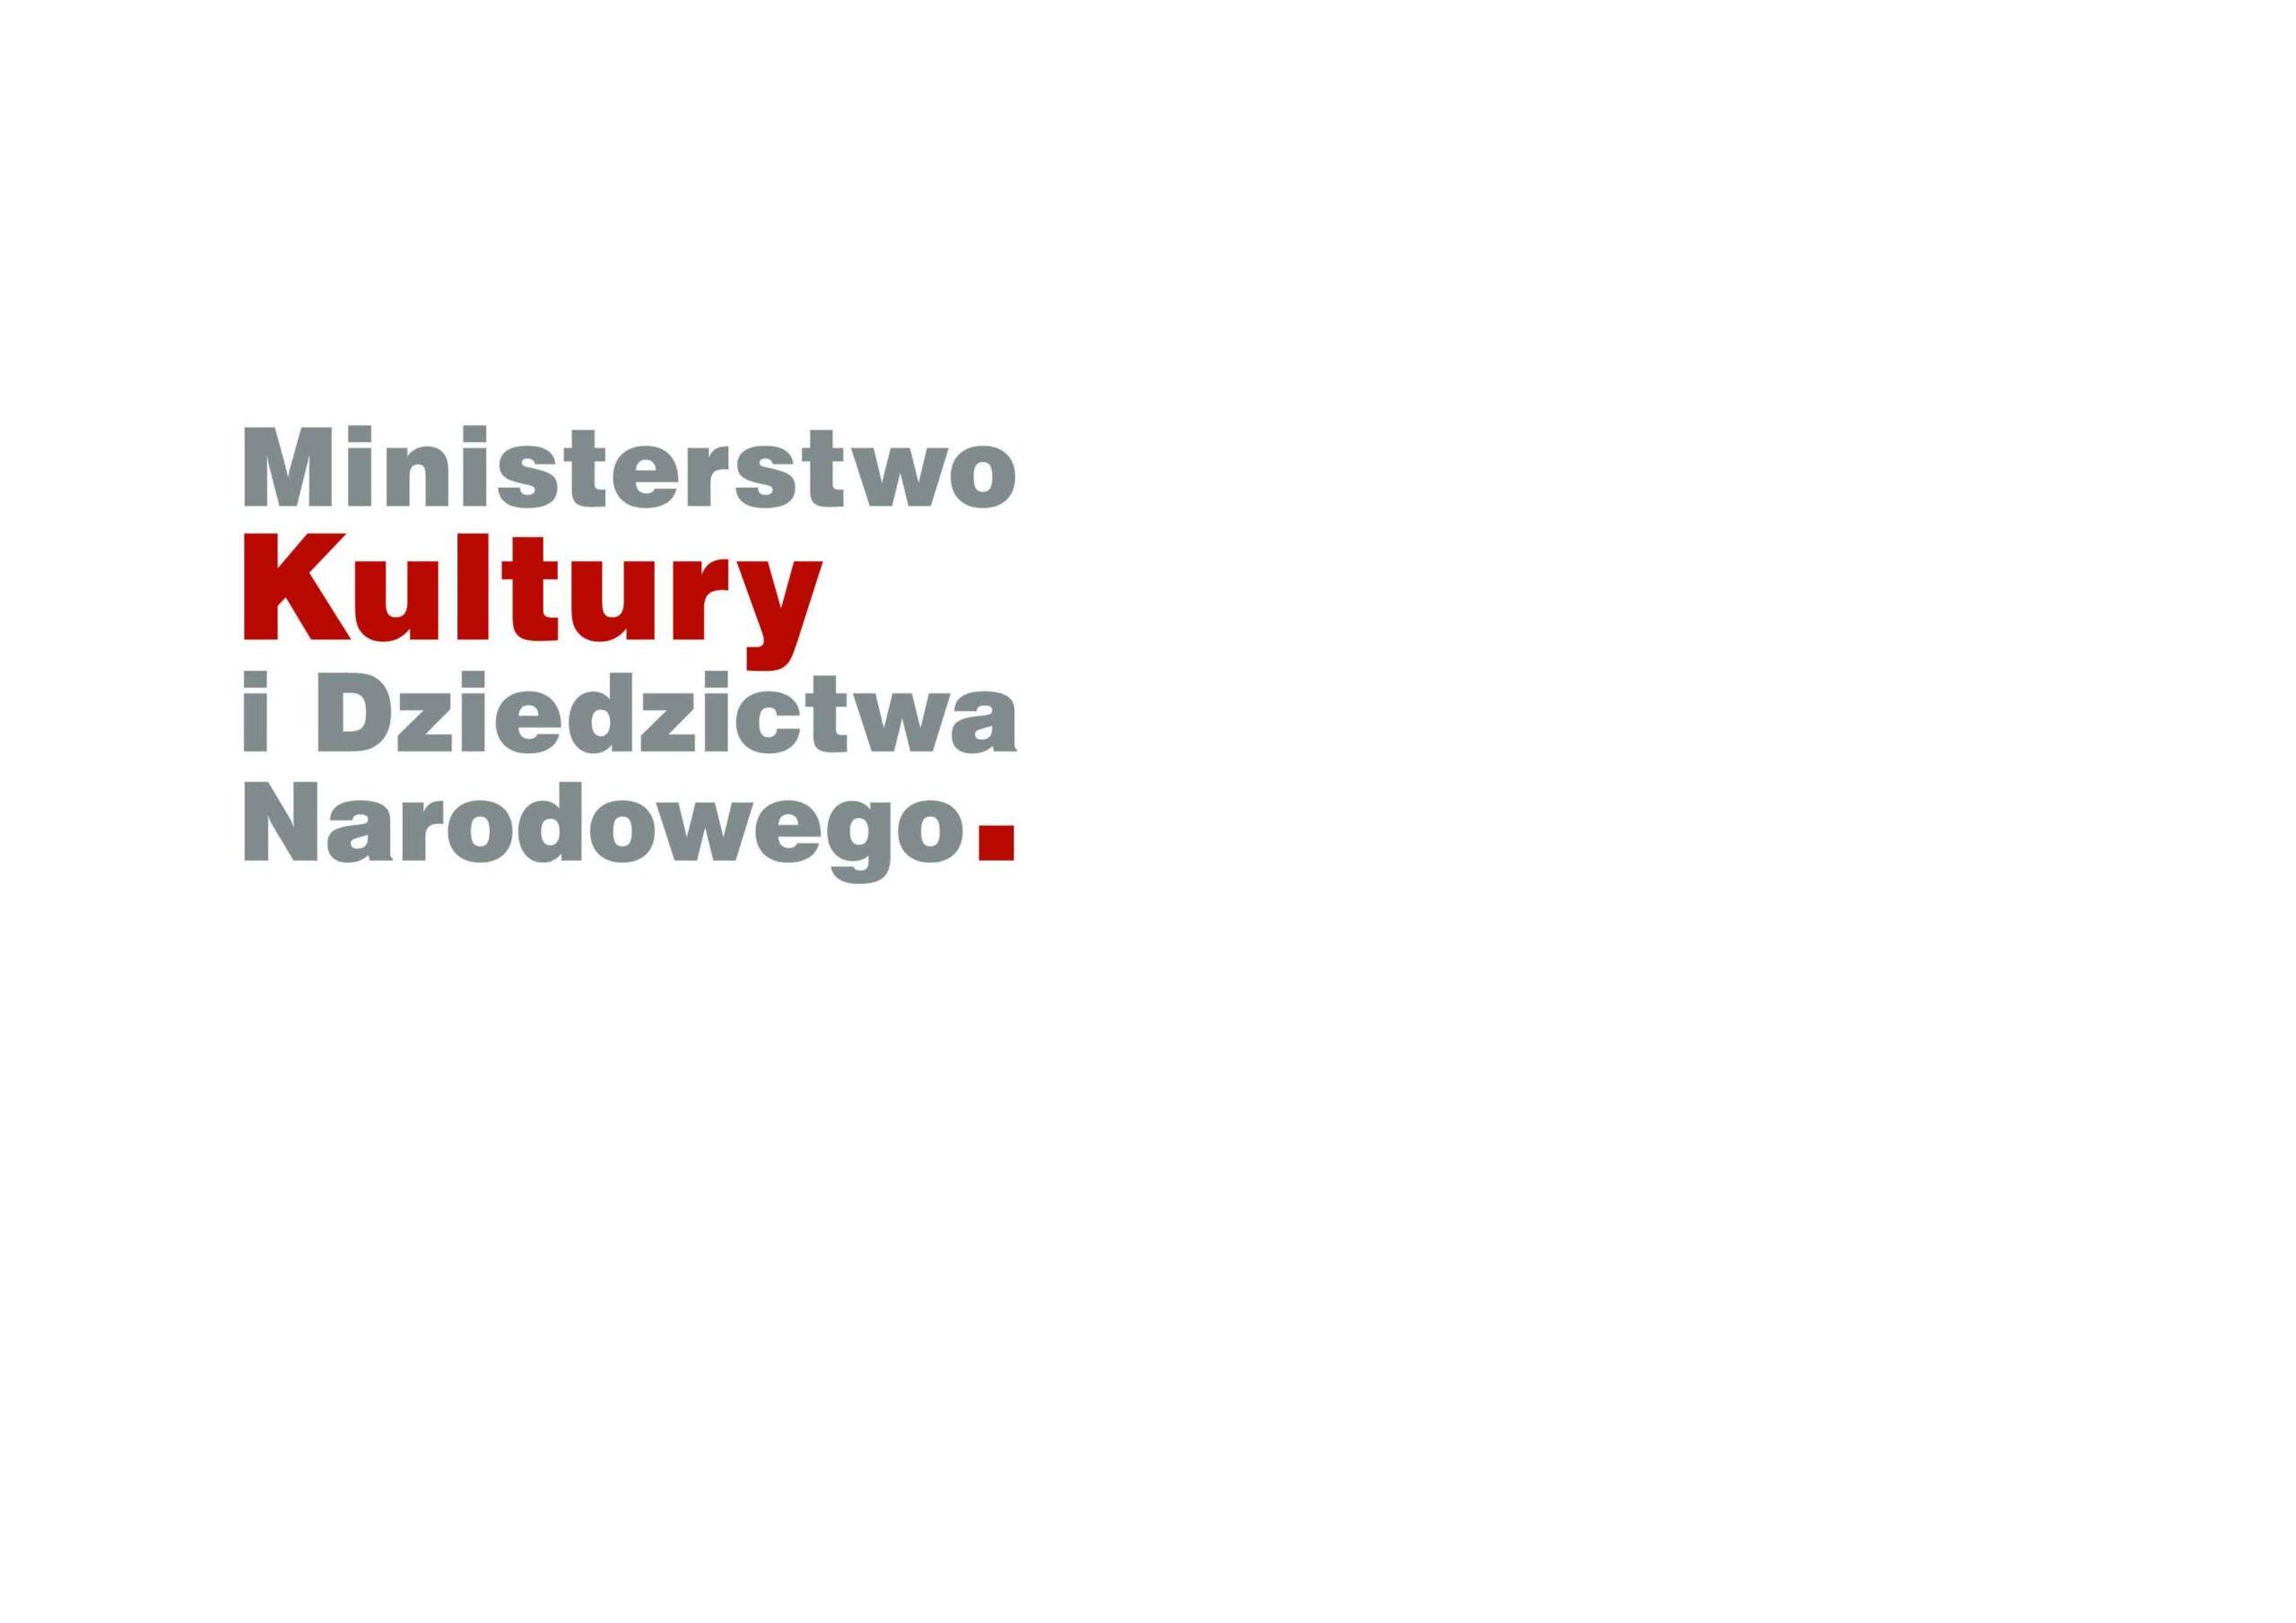 Zakup wyposażenia sali widowiskowej Gminnego Ośrodka Kultury i Sportu w Mykanowie ramach programu Infrastruktura Domów Kultury